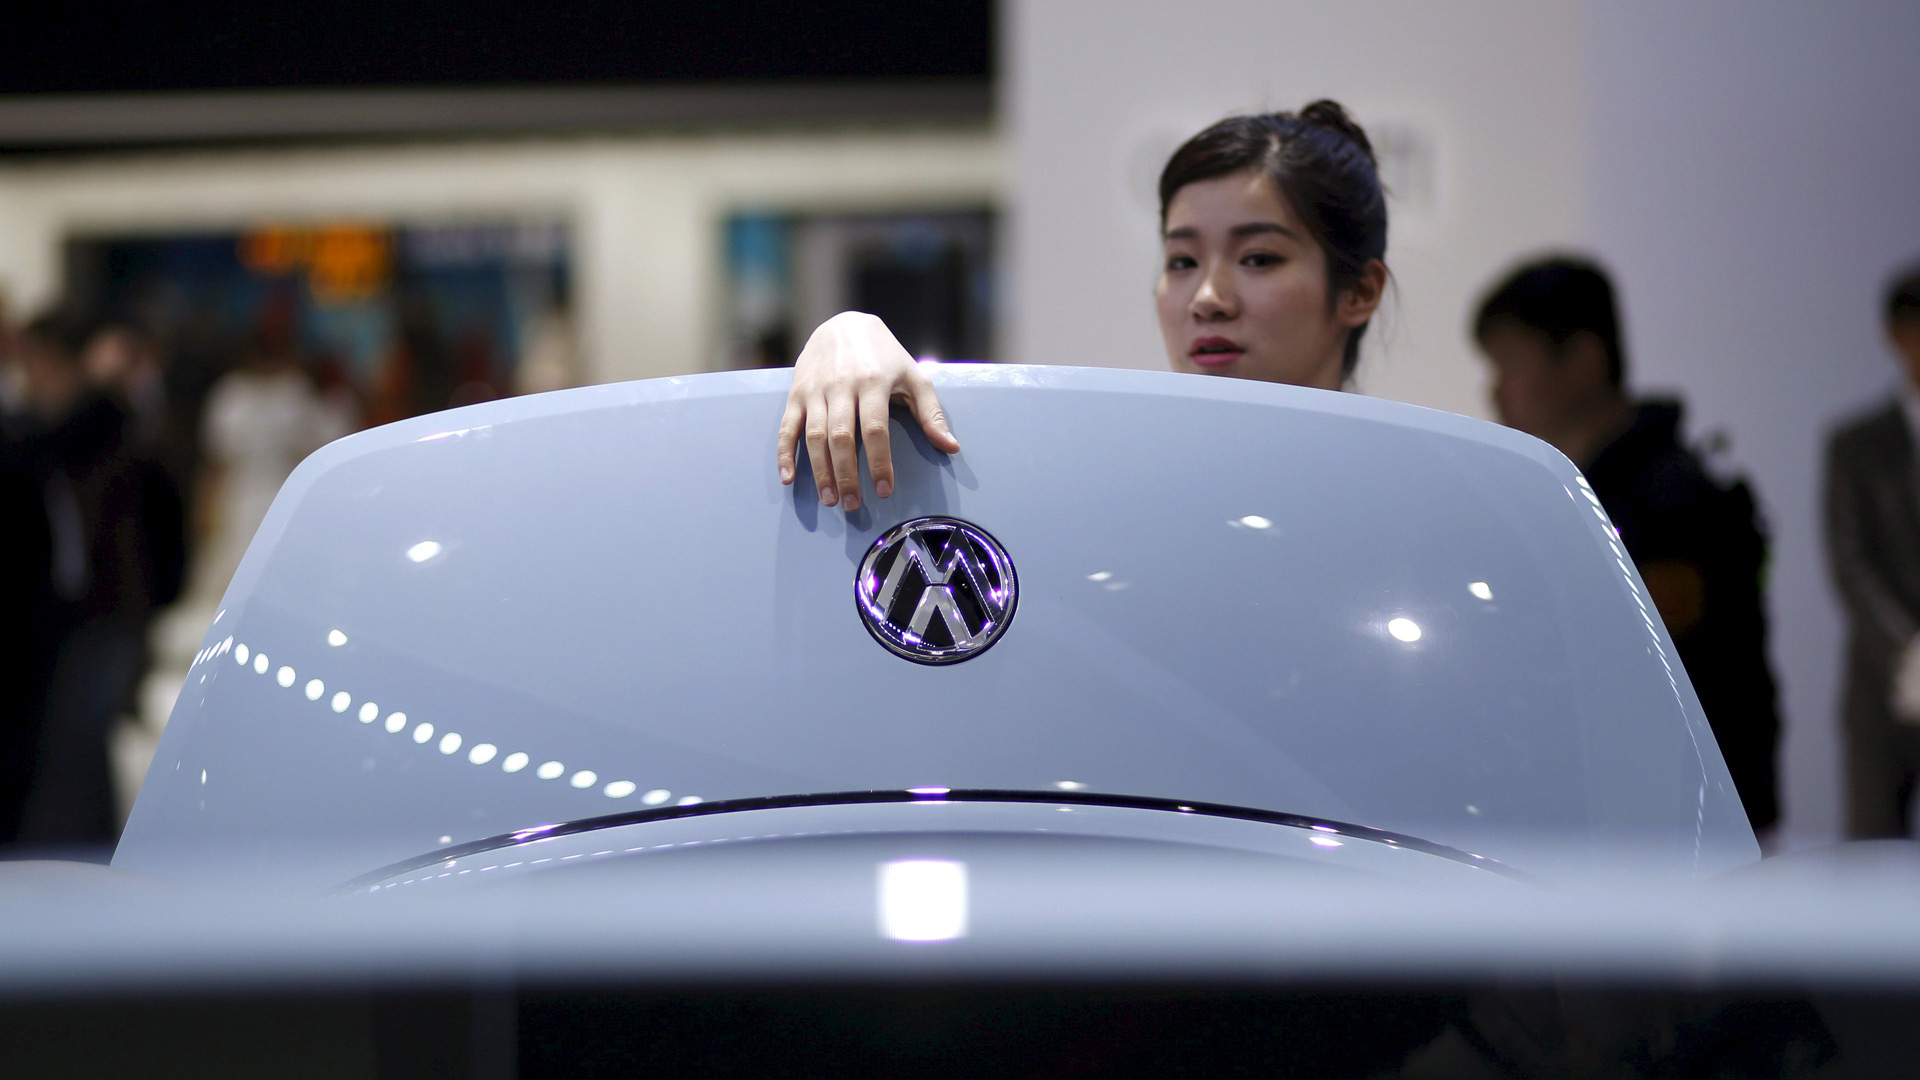 La empresa manipuló los valores de las emisiones de CO2 en sus modelos de motor diesel